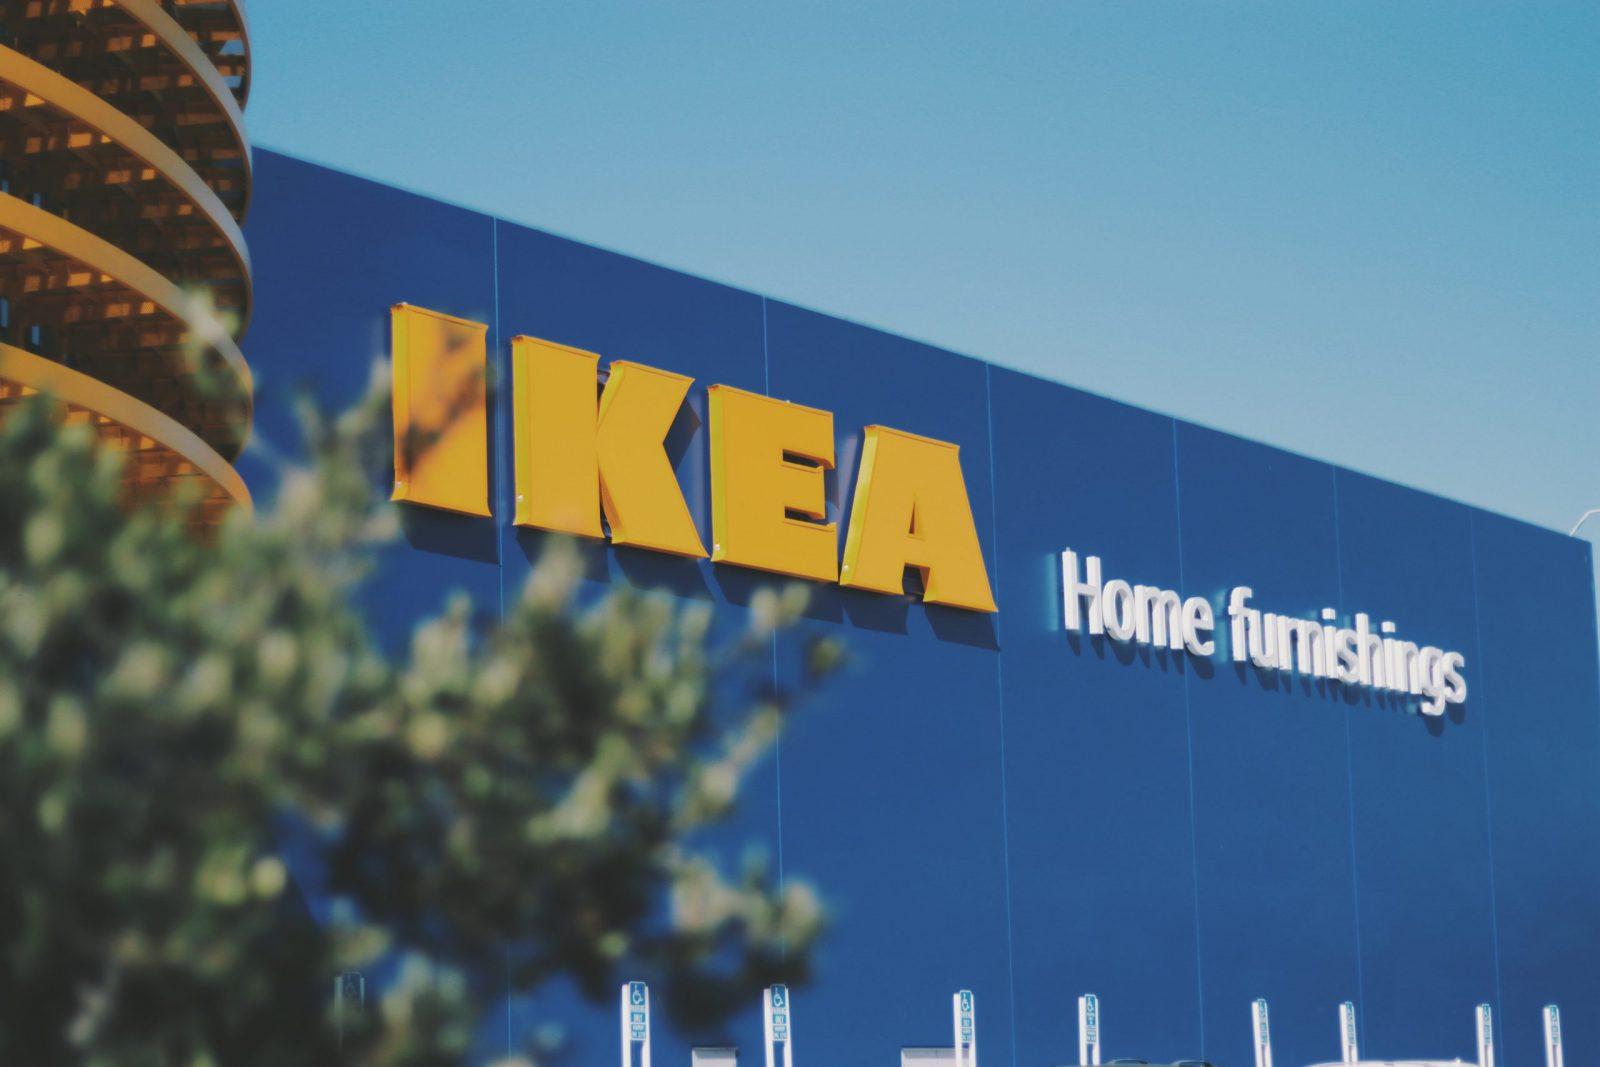 Ikea a l'intention de fermer un premier magasin britannique, mettant ainsi 350 emplois en danger